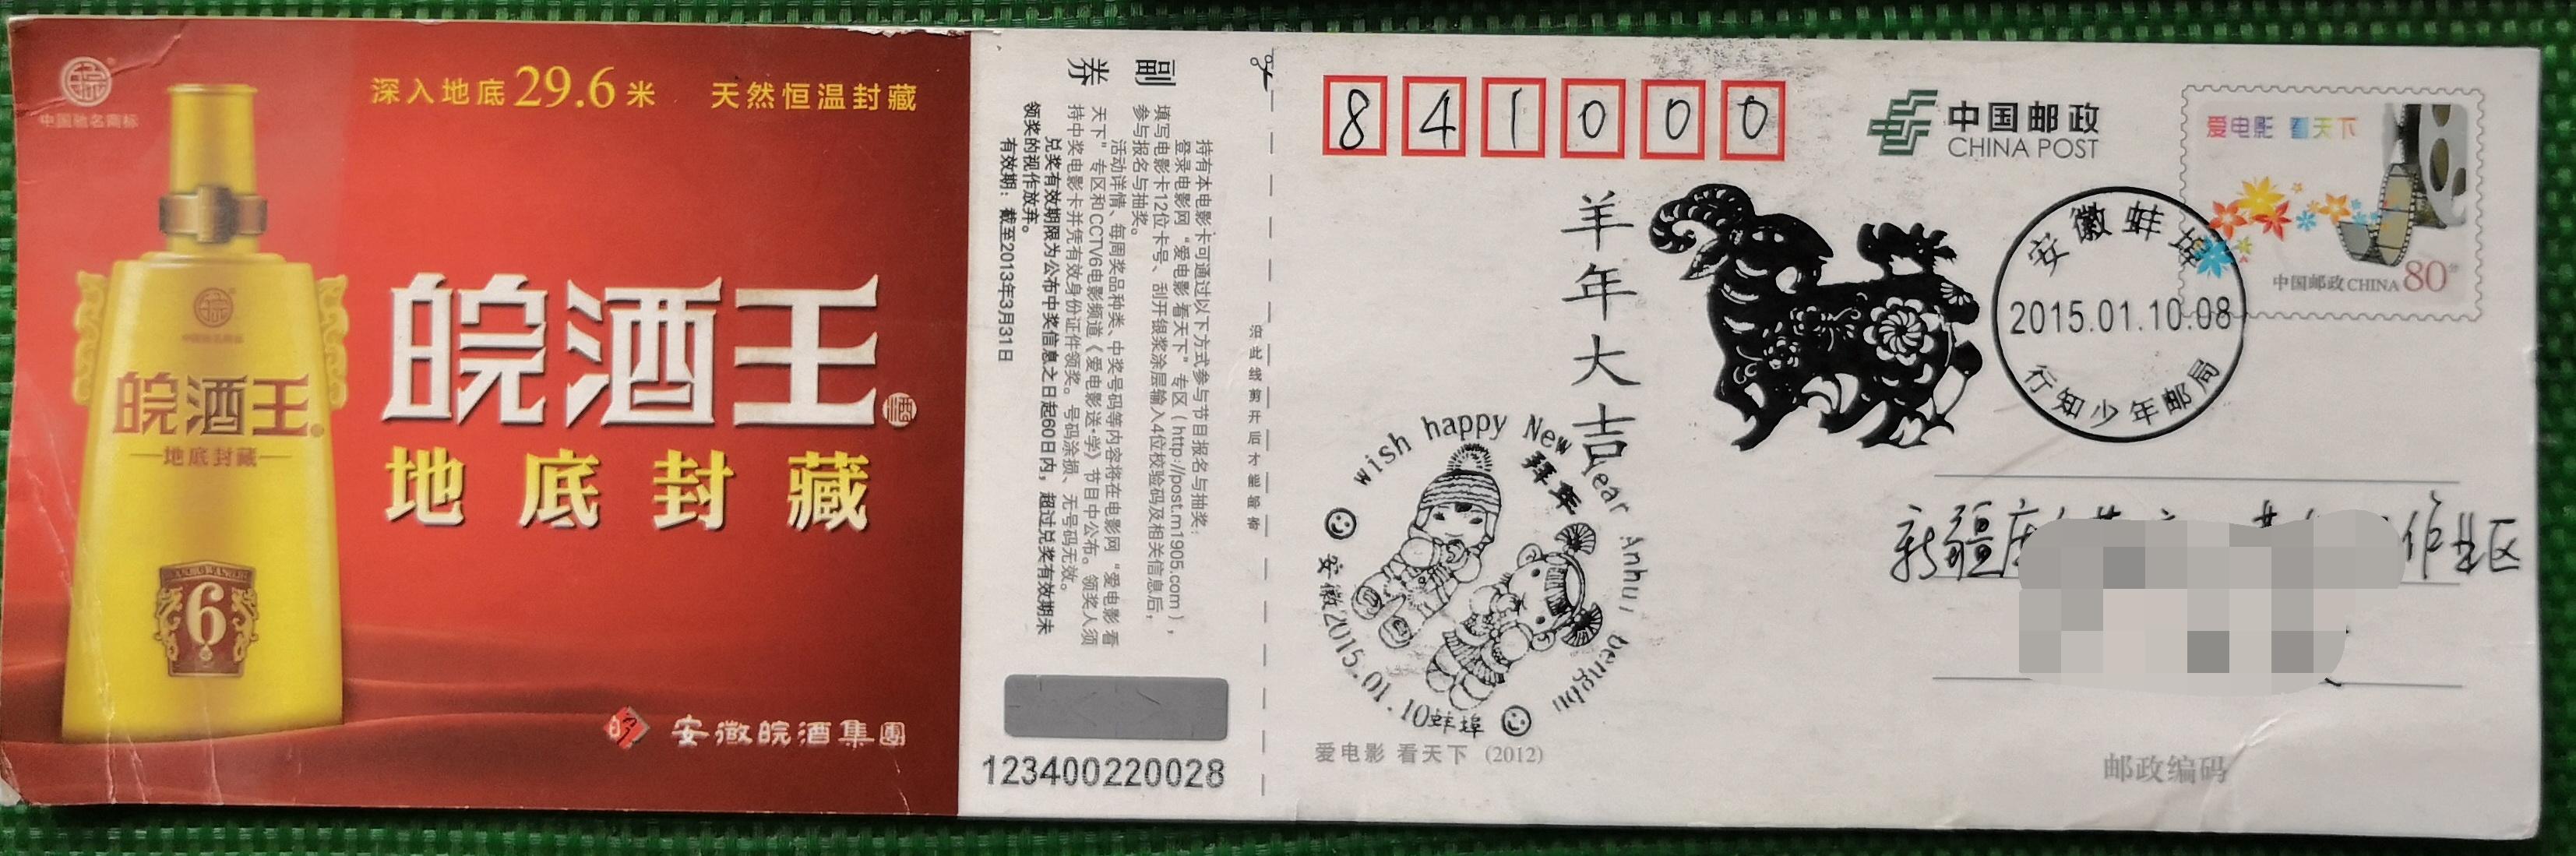 《安徽蚌埠2015年拜年邮票发行纪念戳实寄片》